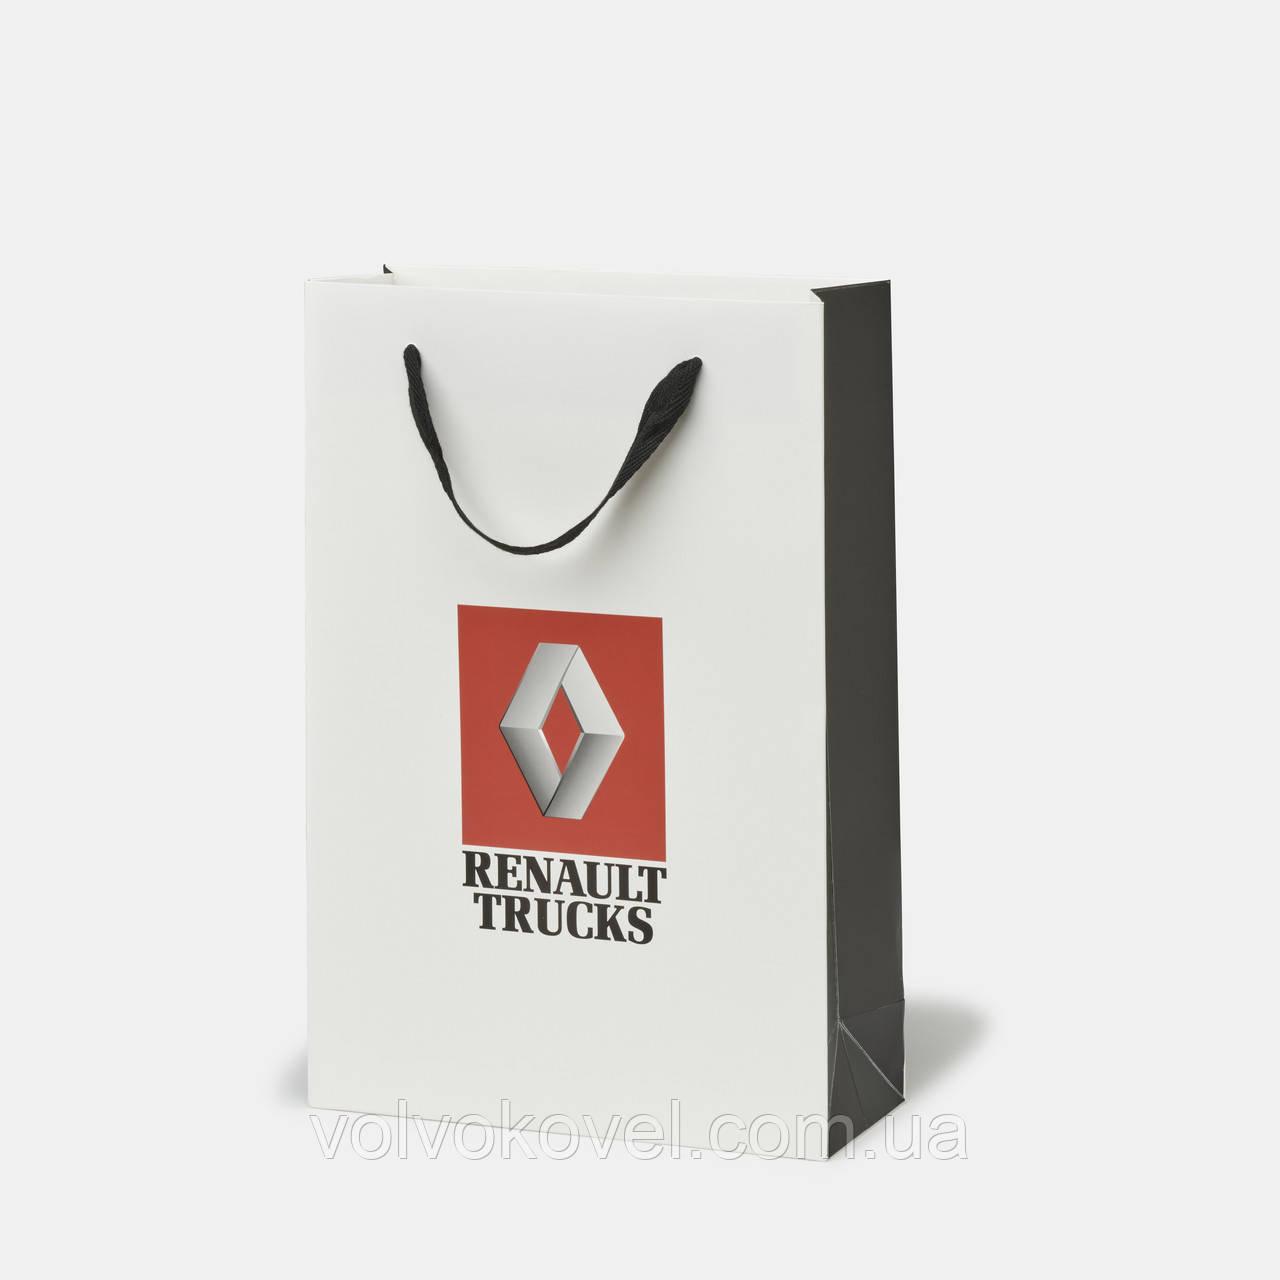 Брелок-відкривачка Renault Trucks Bottle Opener